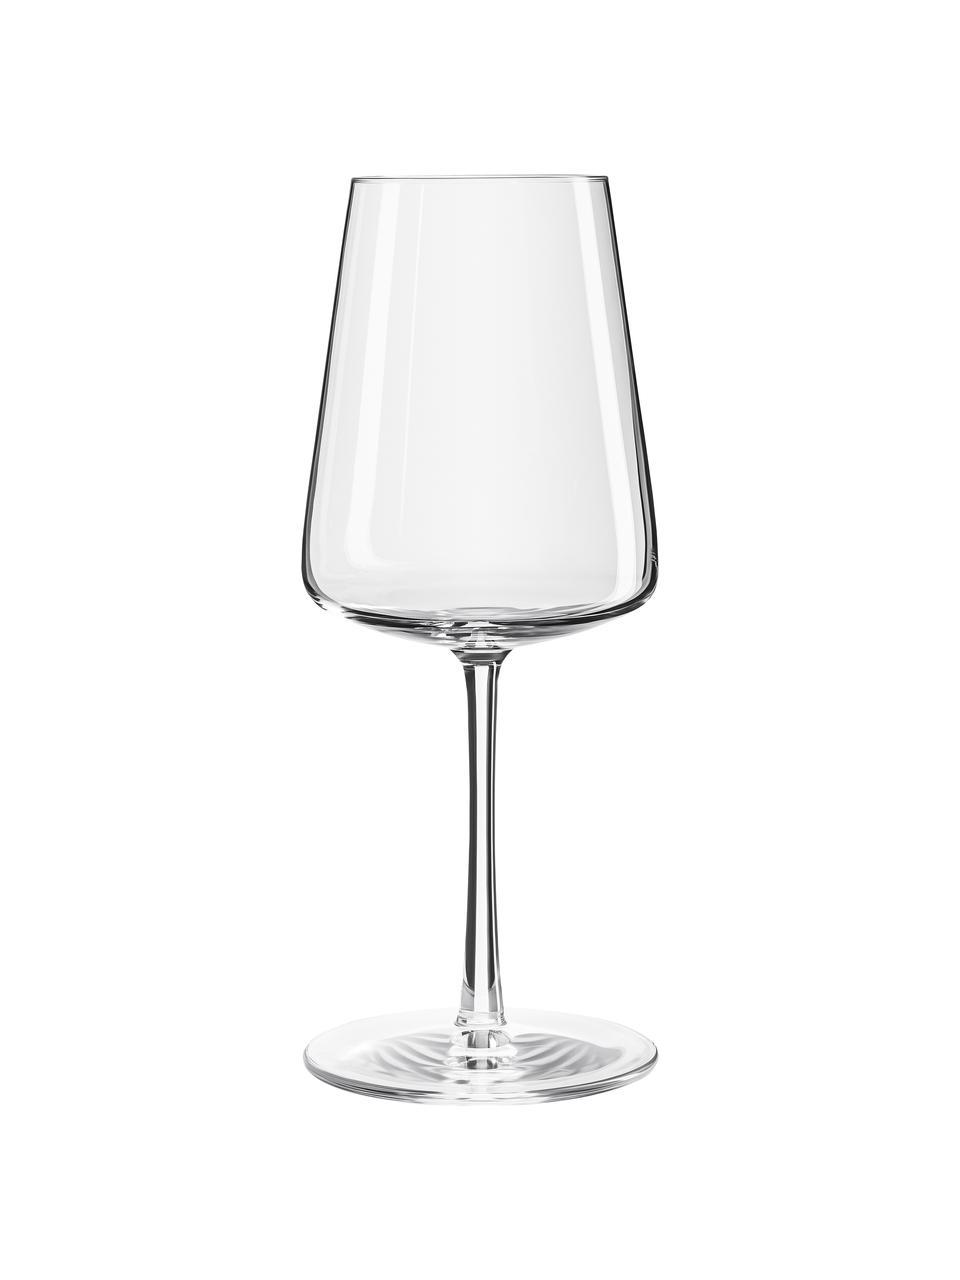 Verre à vin blanc cristal Power, 6pièces, Transparent